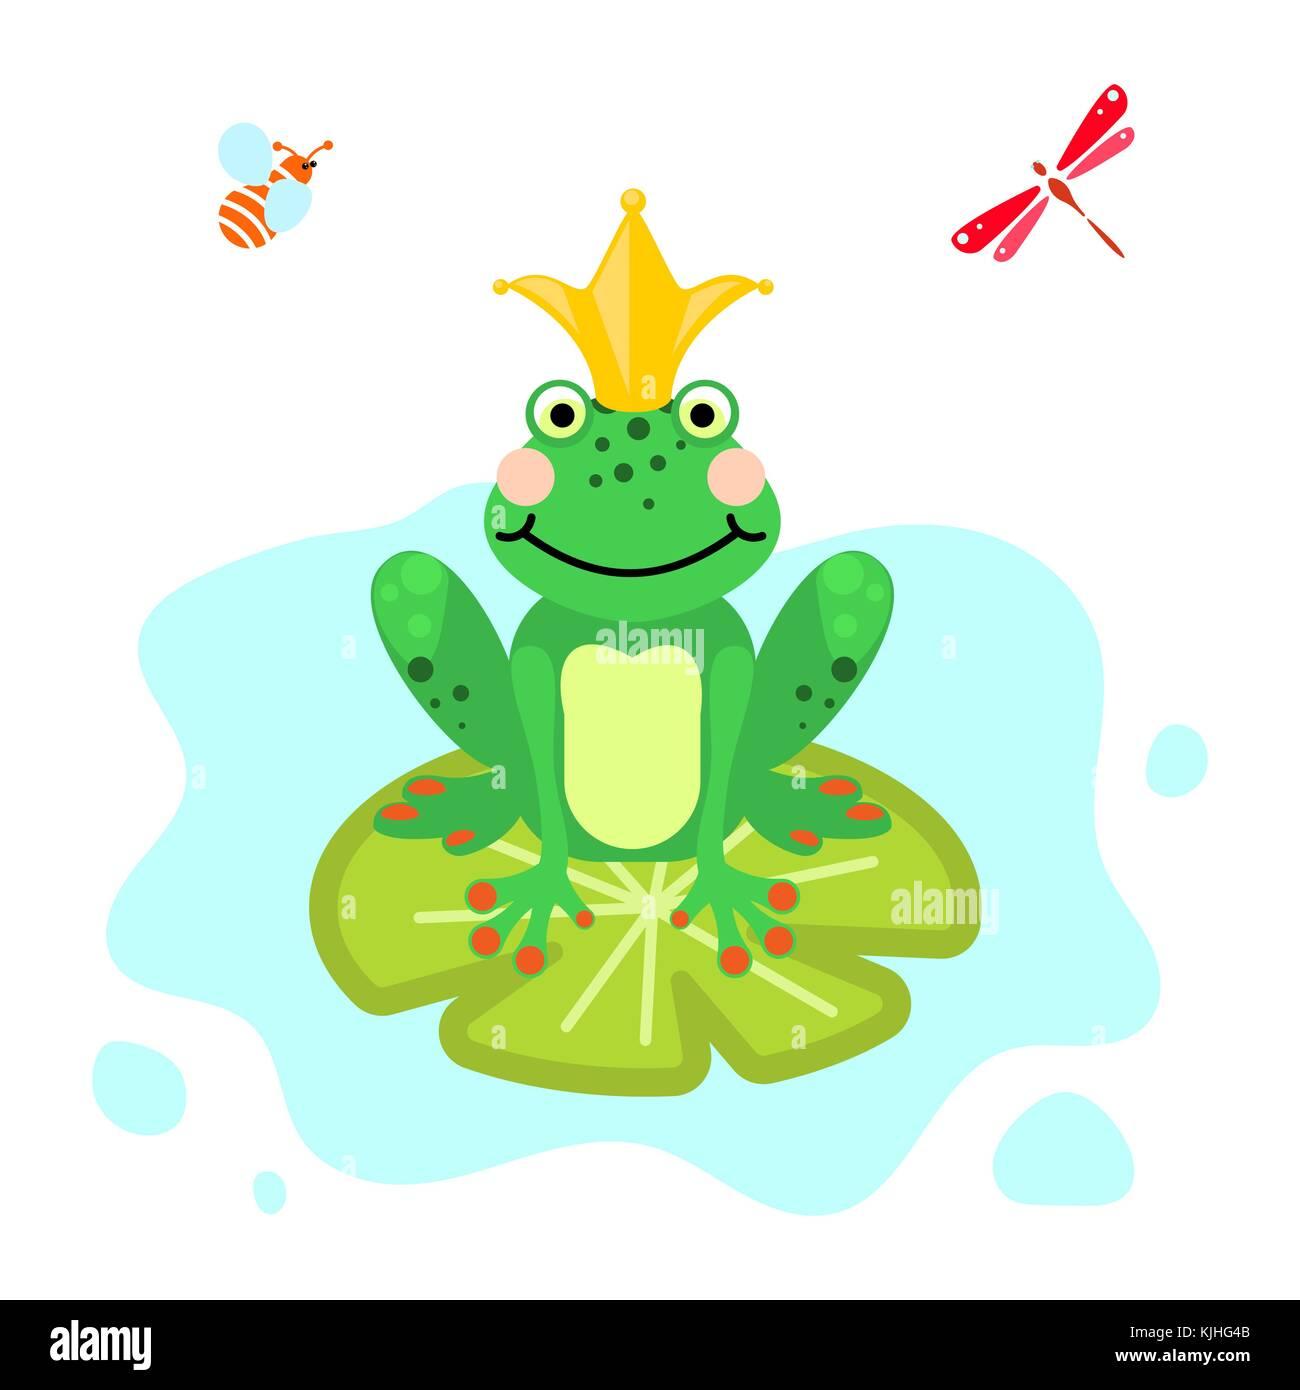 El príncipe rana verde cartoon clip-art vector aislados Ilustración ...